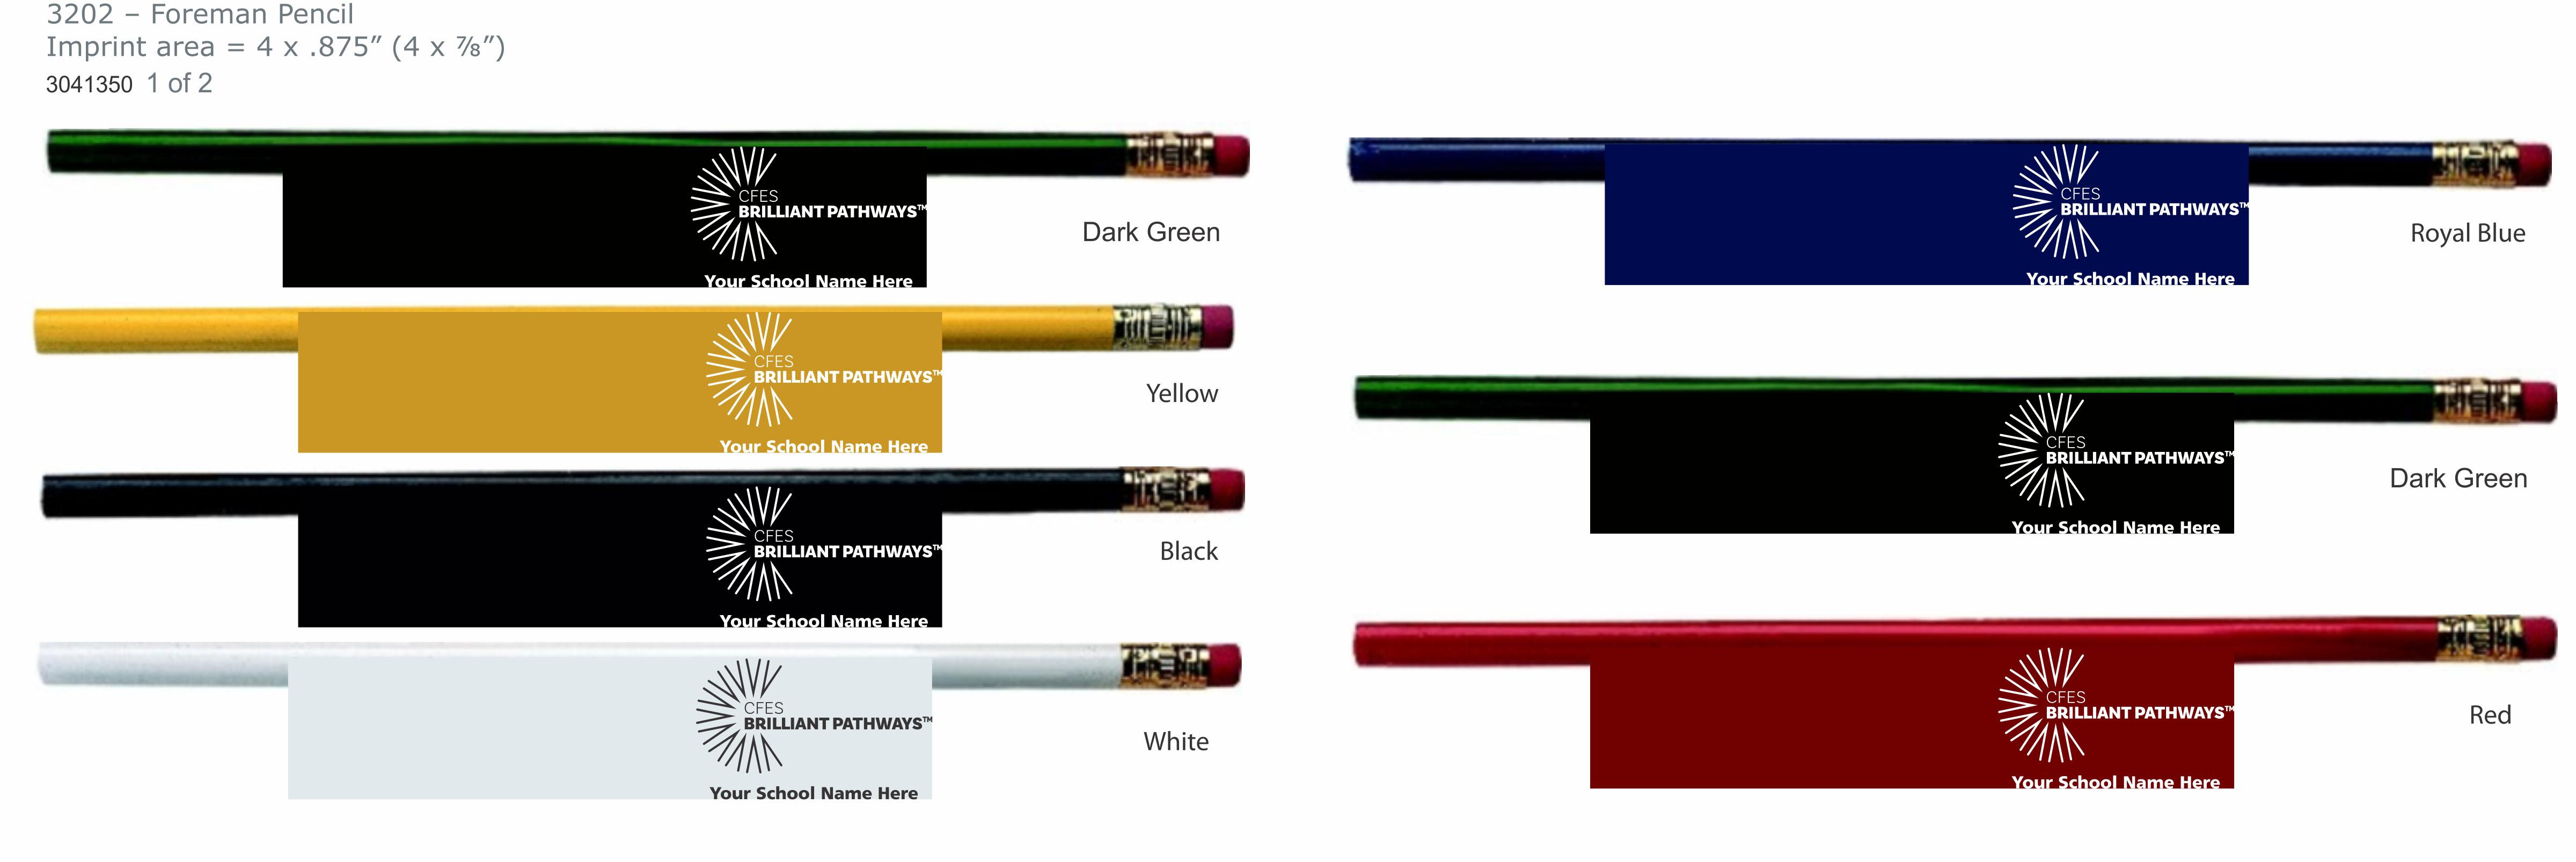 Solid Color Pencils